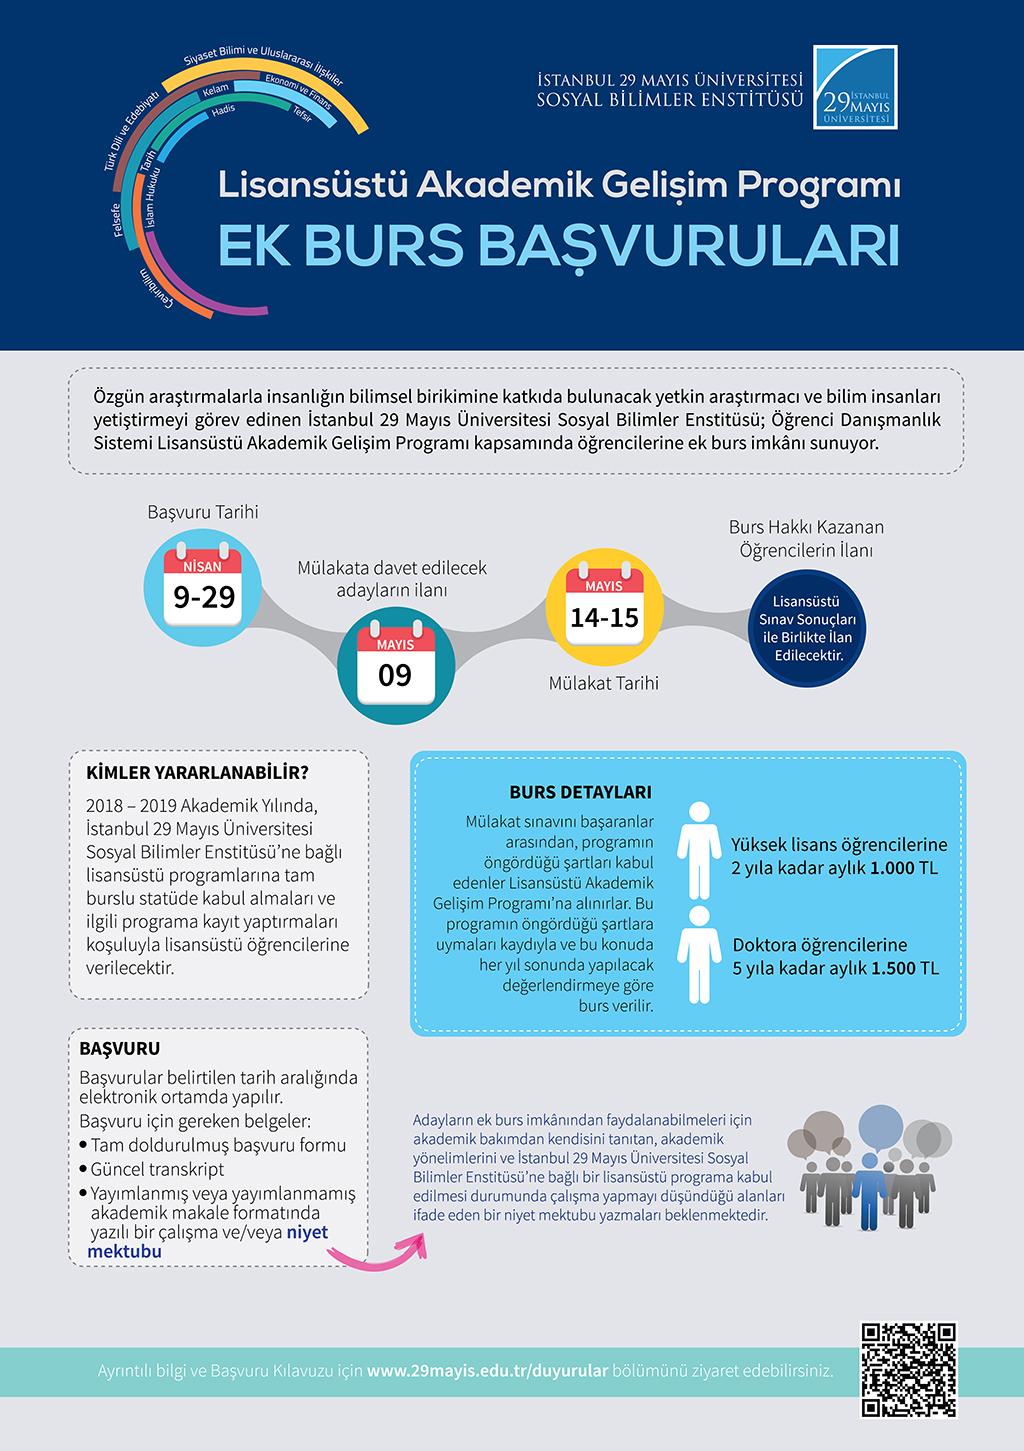 İstanbul 29 Mayıs Üniversitesi Lisansüstü Akademik Gelişim Programı EK Burs Başvuruları Afişi